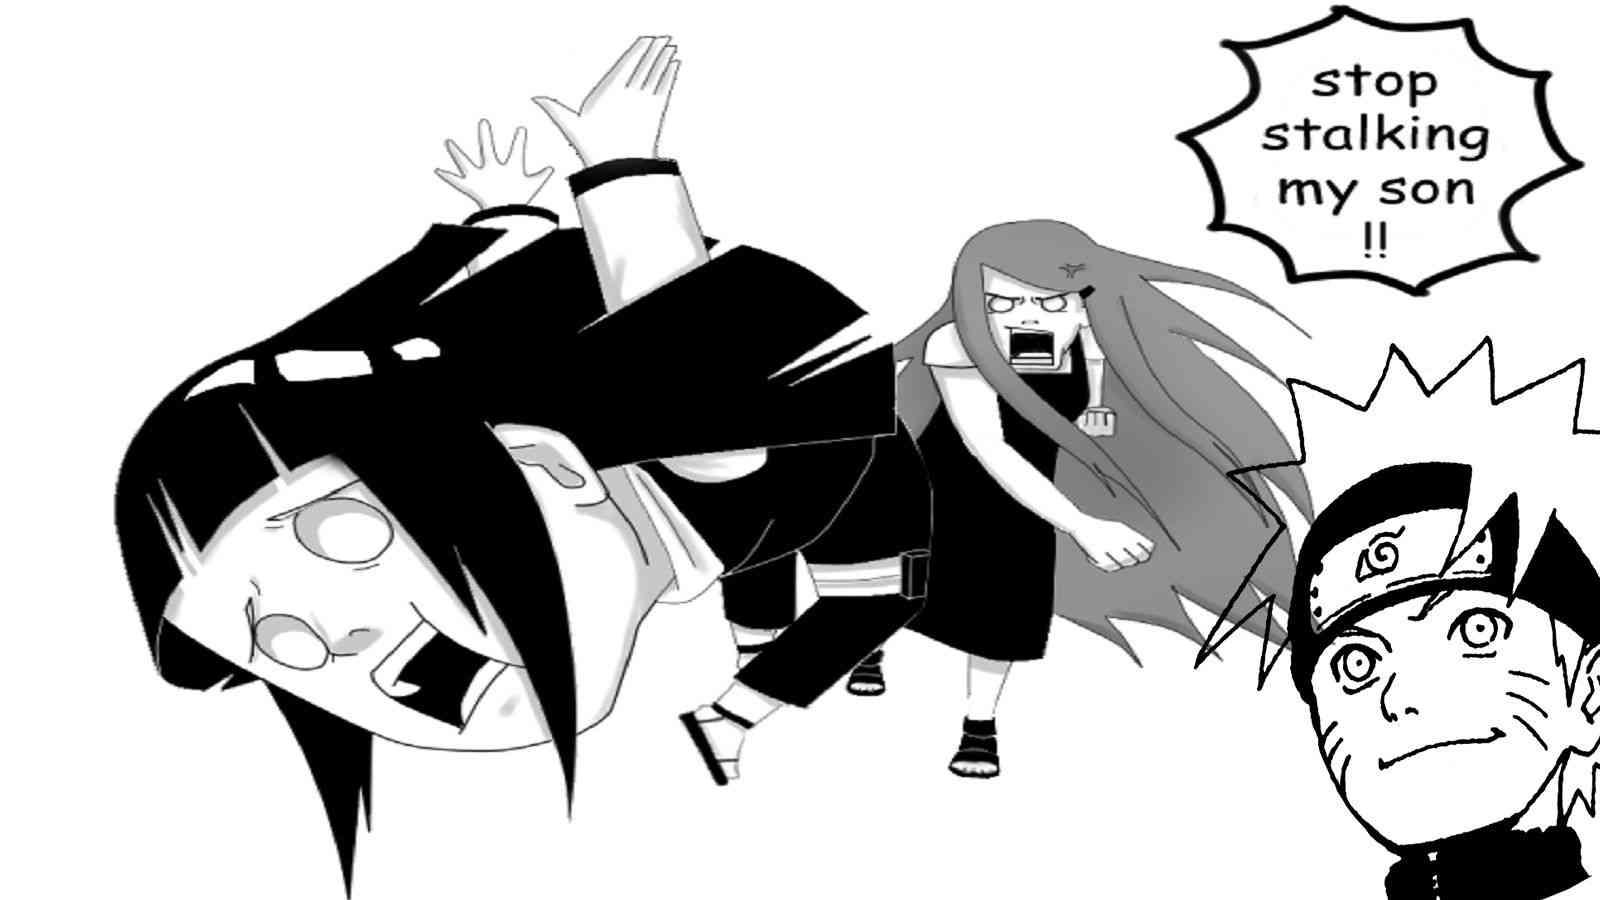 連載中の漫画、放送中のアニメの最終回がこんな感じだったら嫌だ!